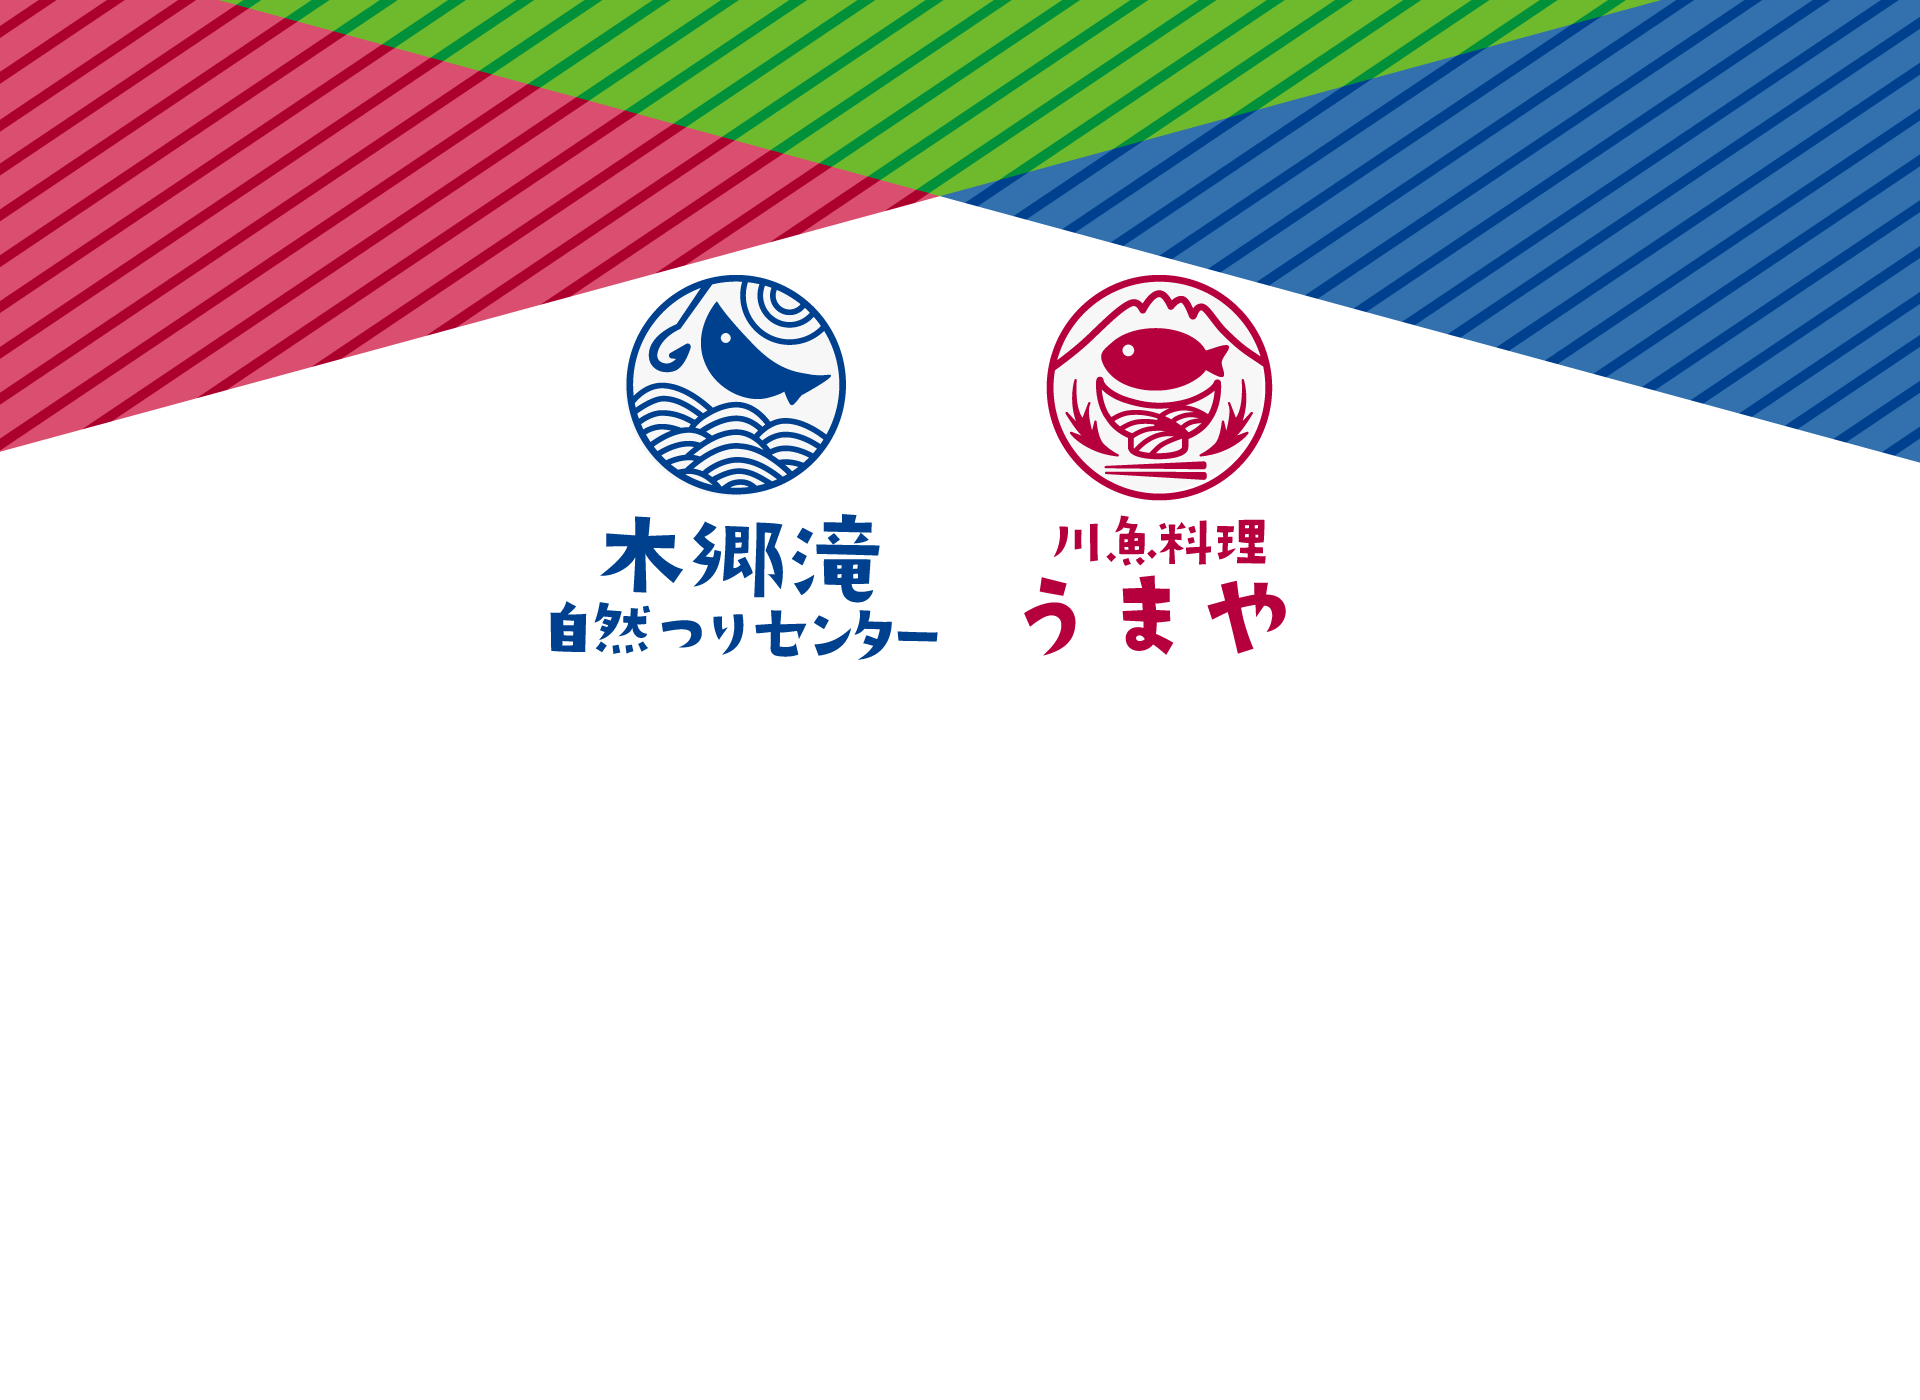 木郷滝自然つりセンター・川魚料理うまやのリフレット